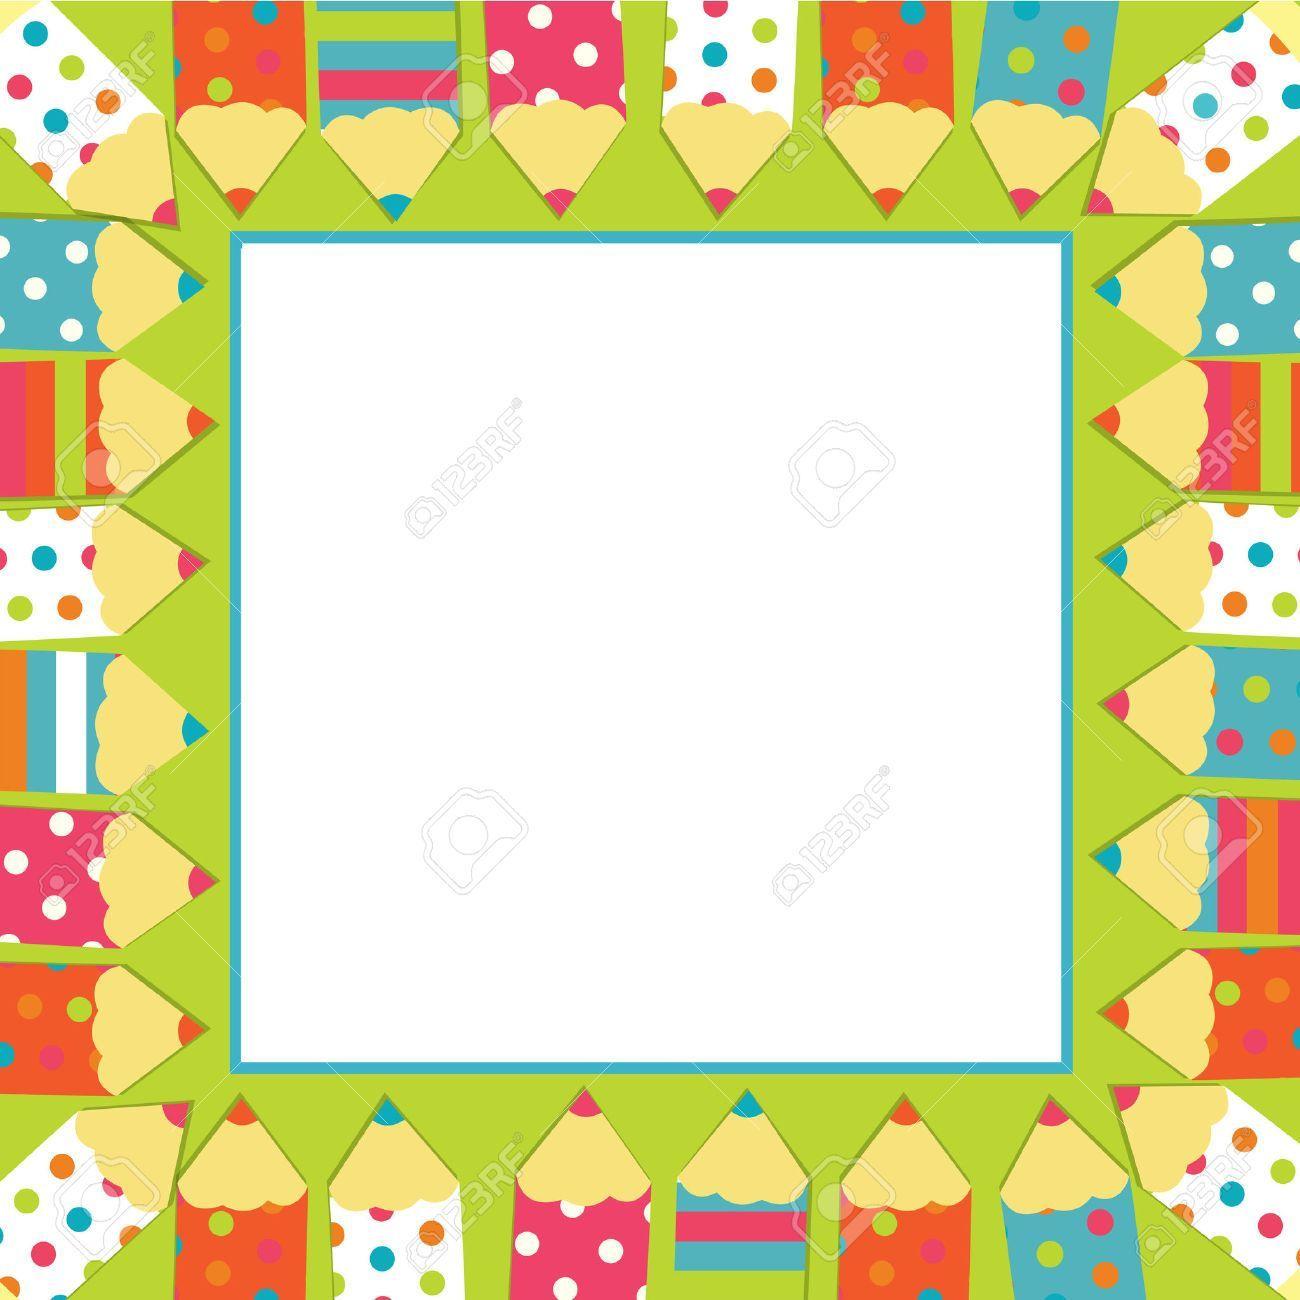 Cute frame clipart 4 » Clipart Portal.